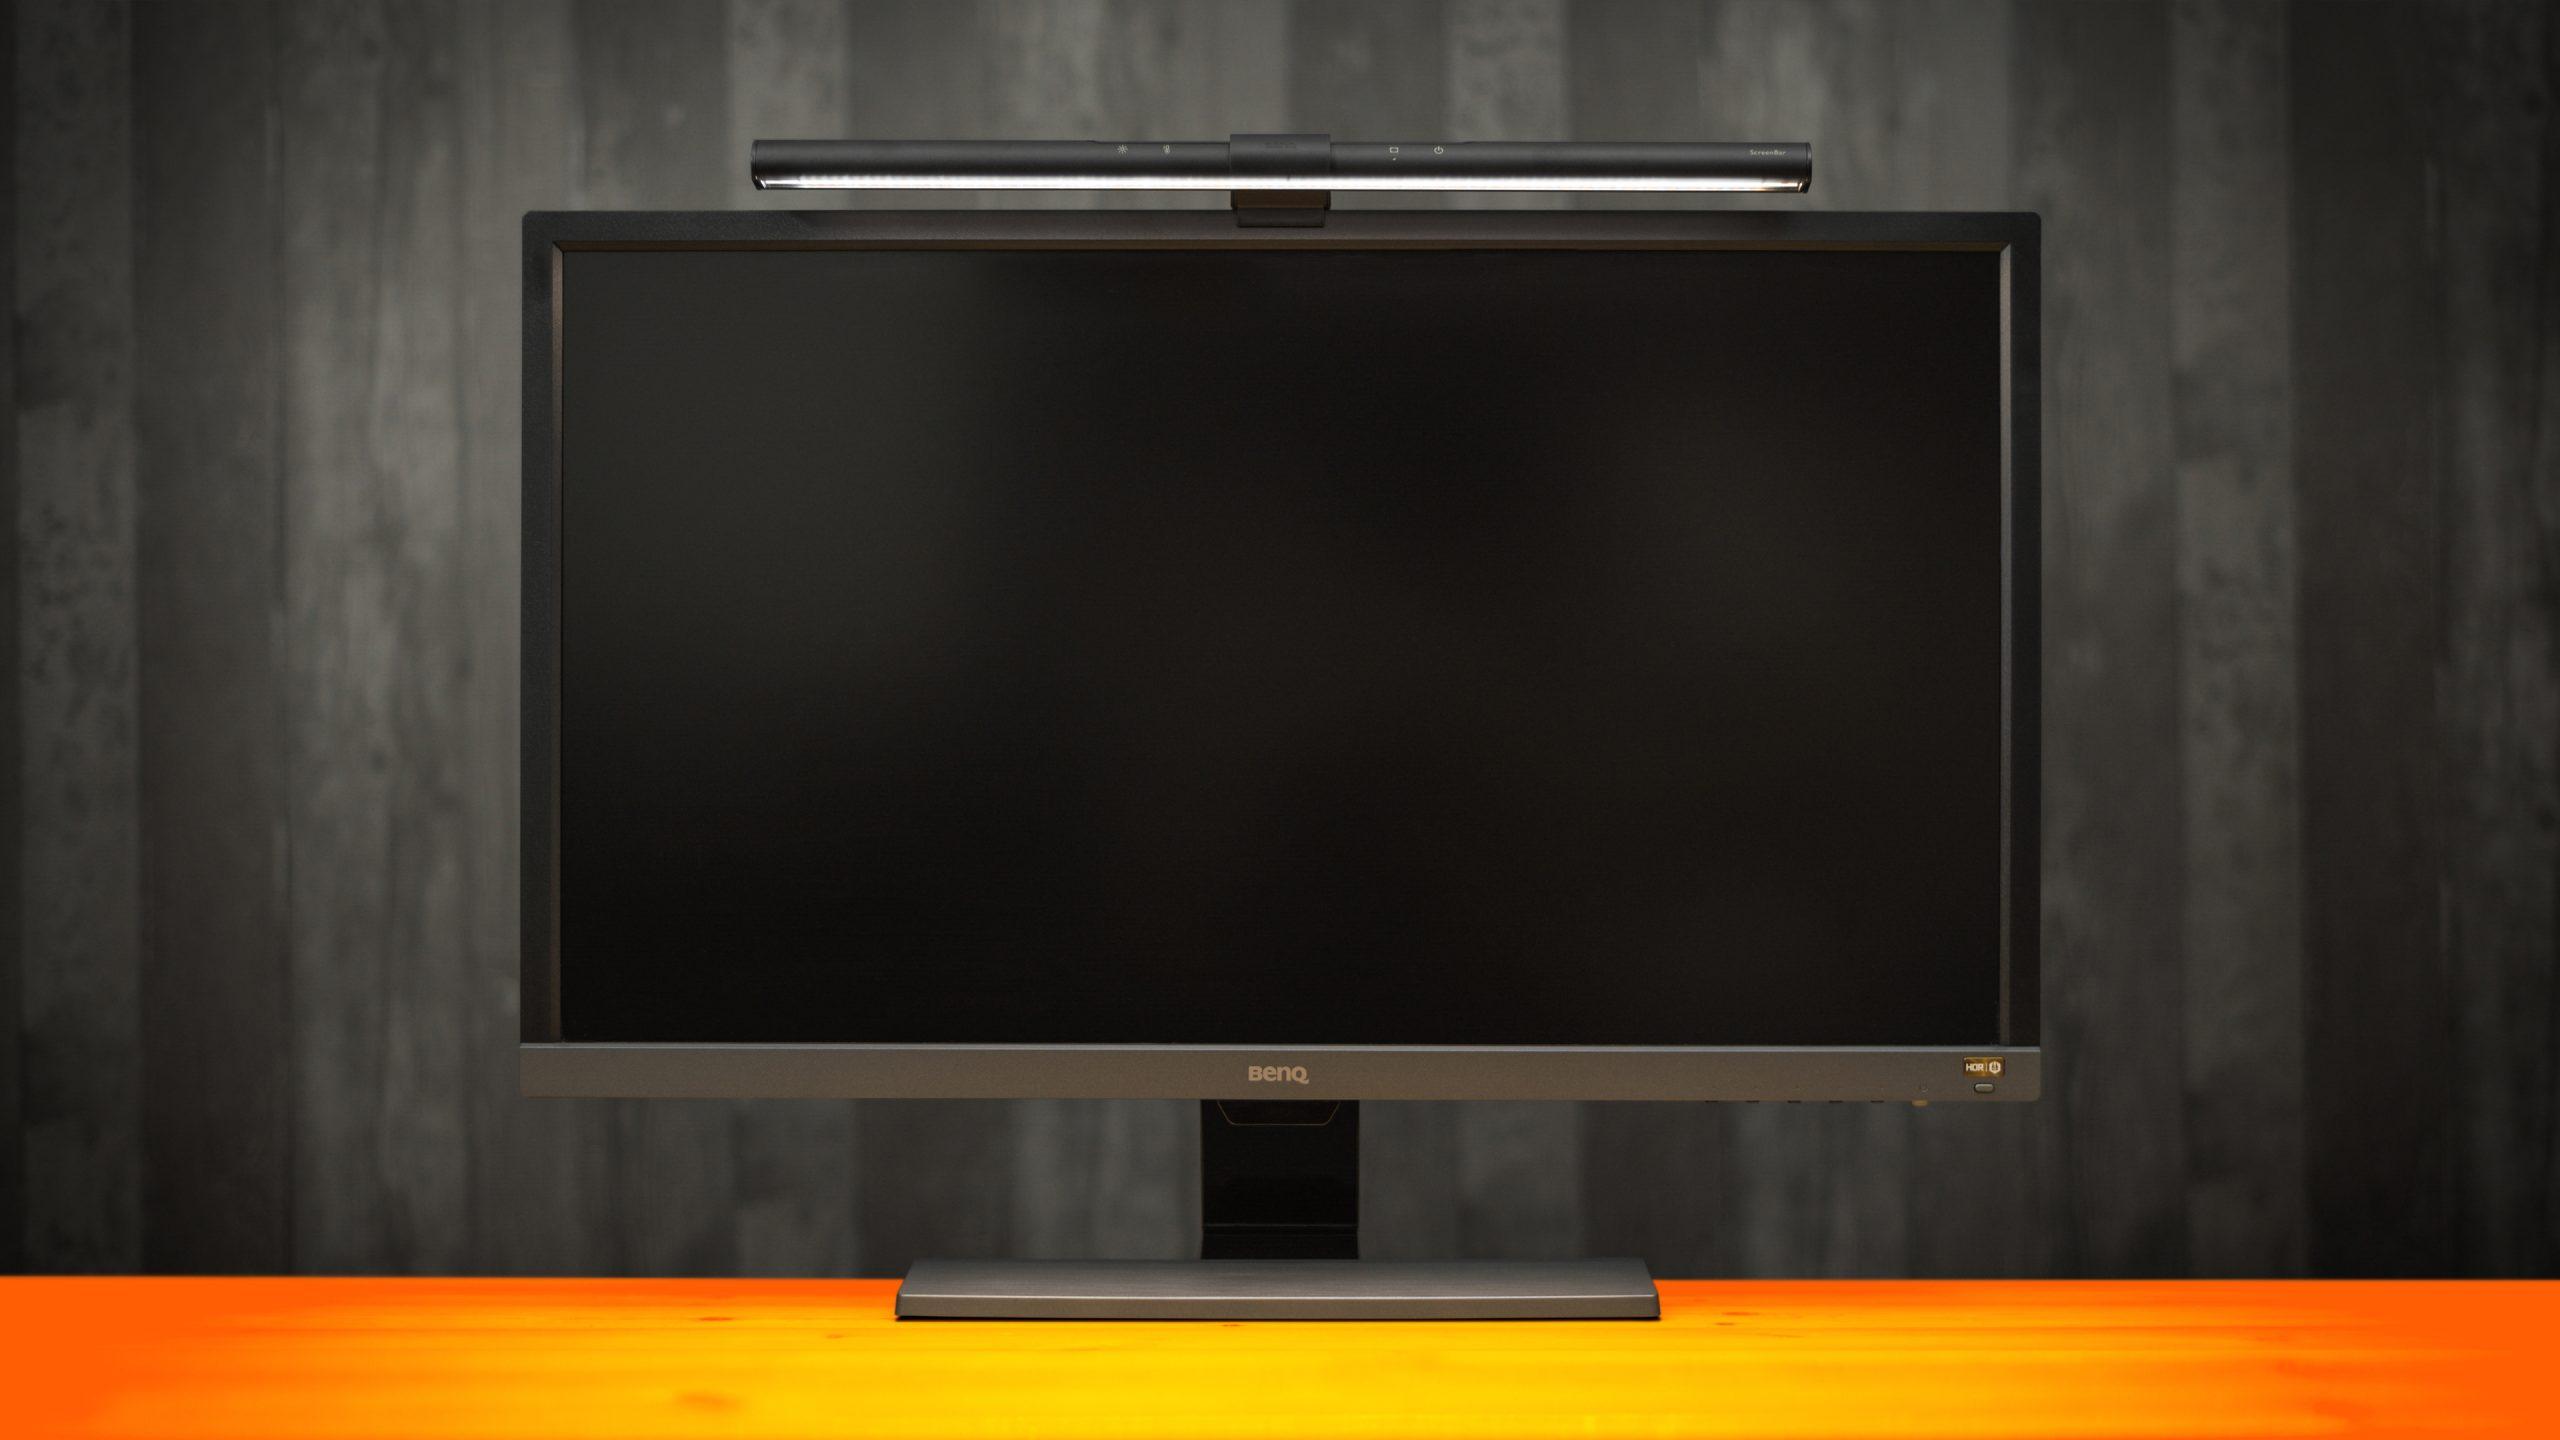 Vooraanzicht van een BenQ-monitor met daarop een slim schermlicht.